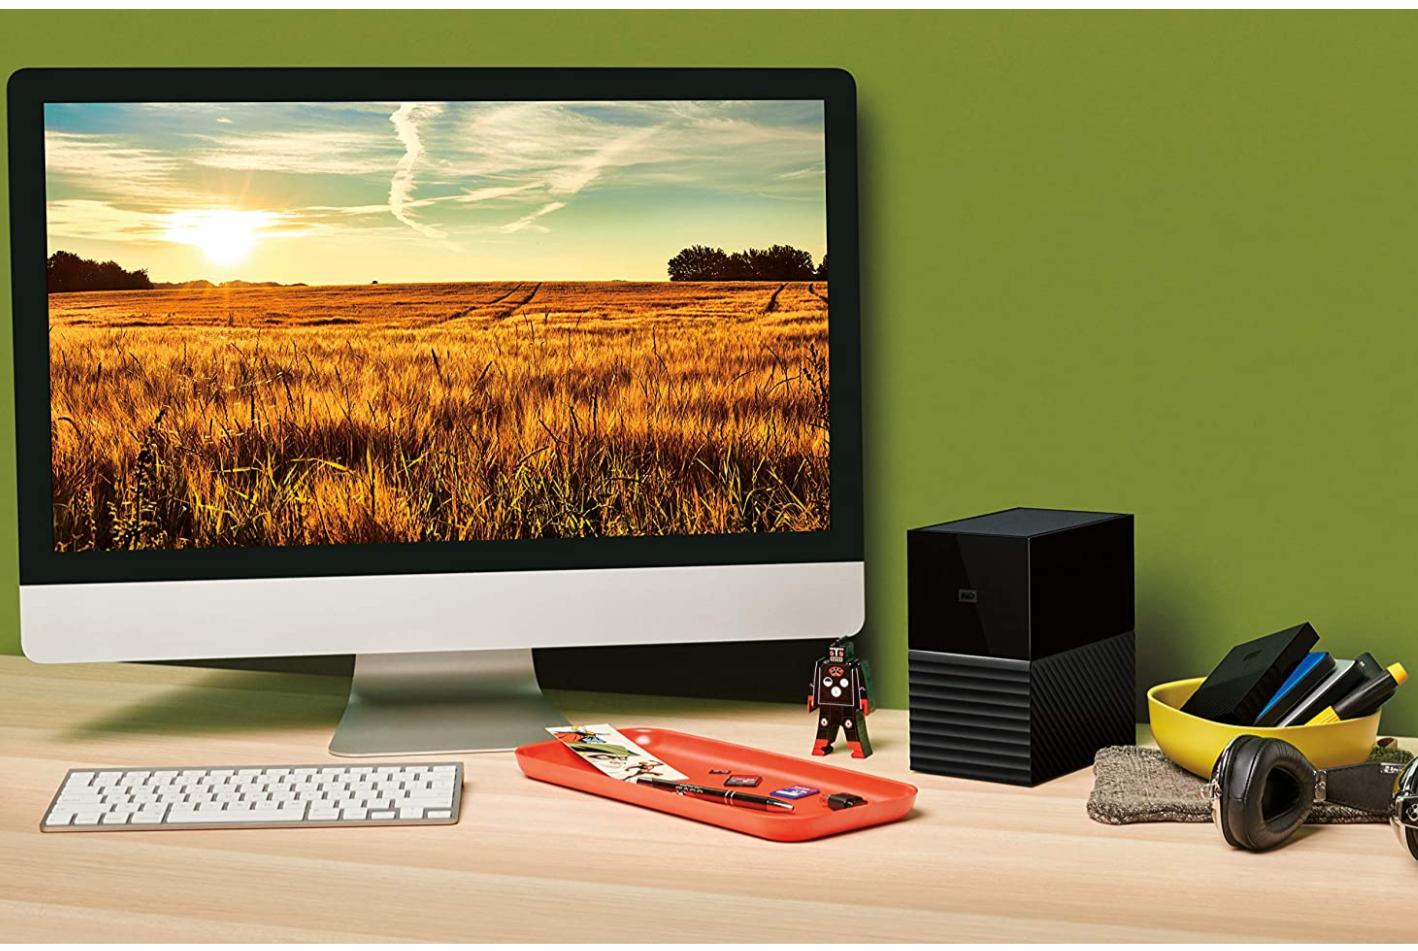 WD My Book Duo 24 TB Desktop RAID USB 3.1 externe harde schijf en automatische back-upsoftware